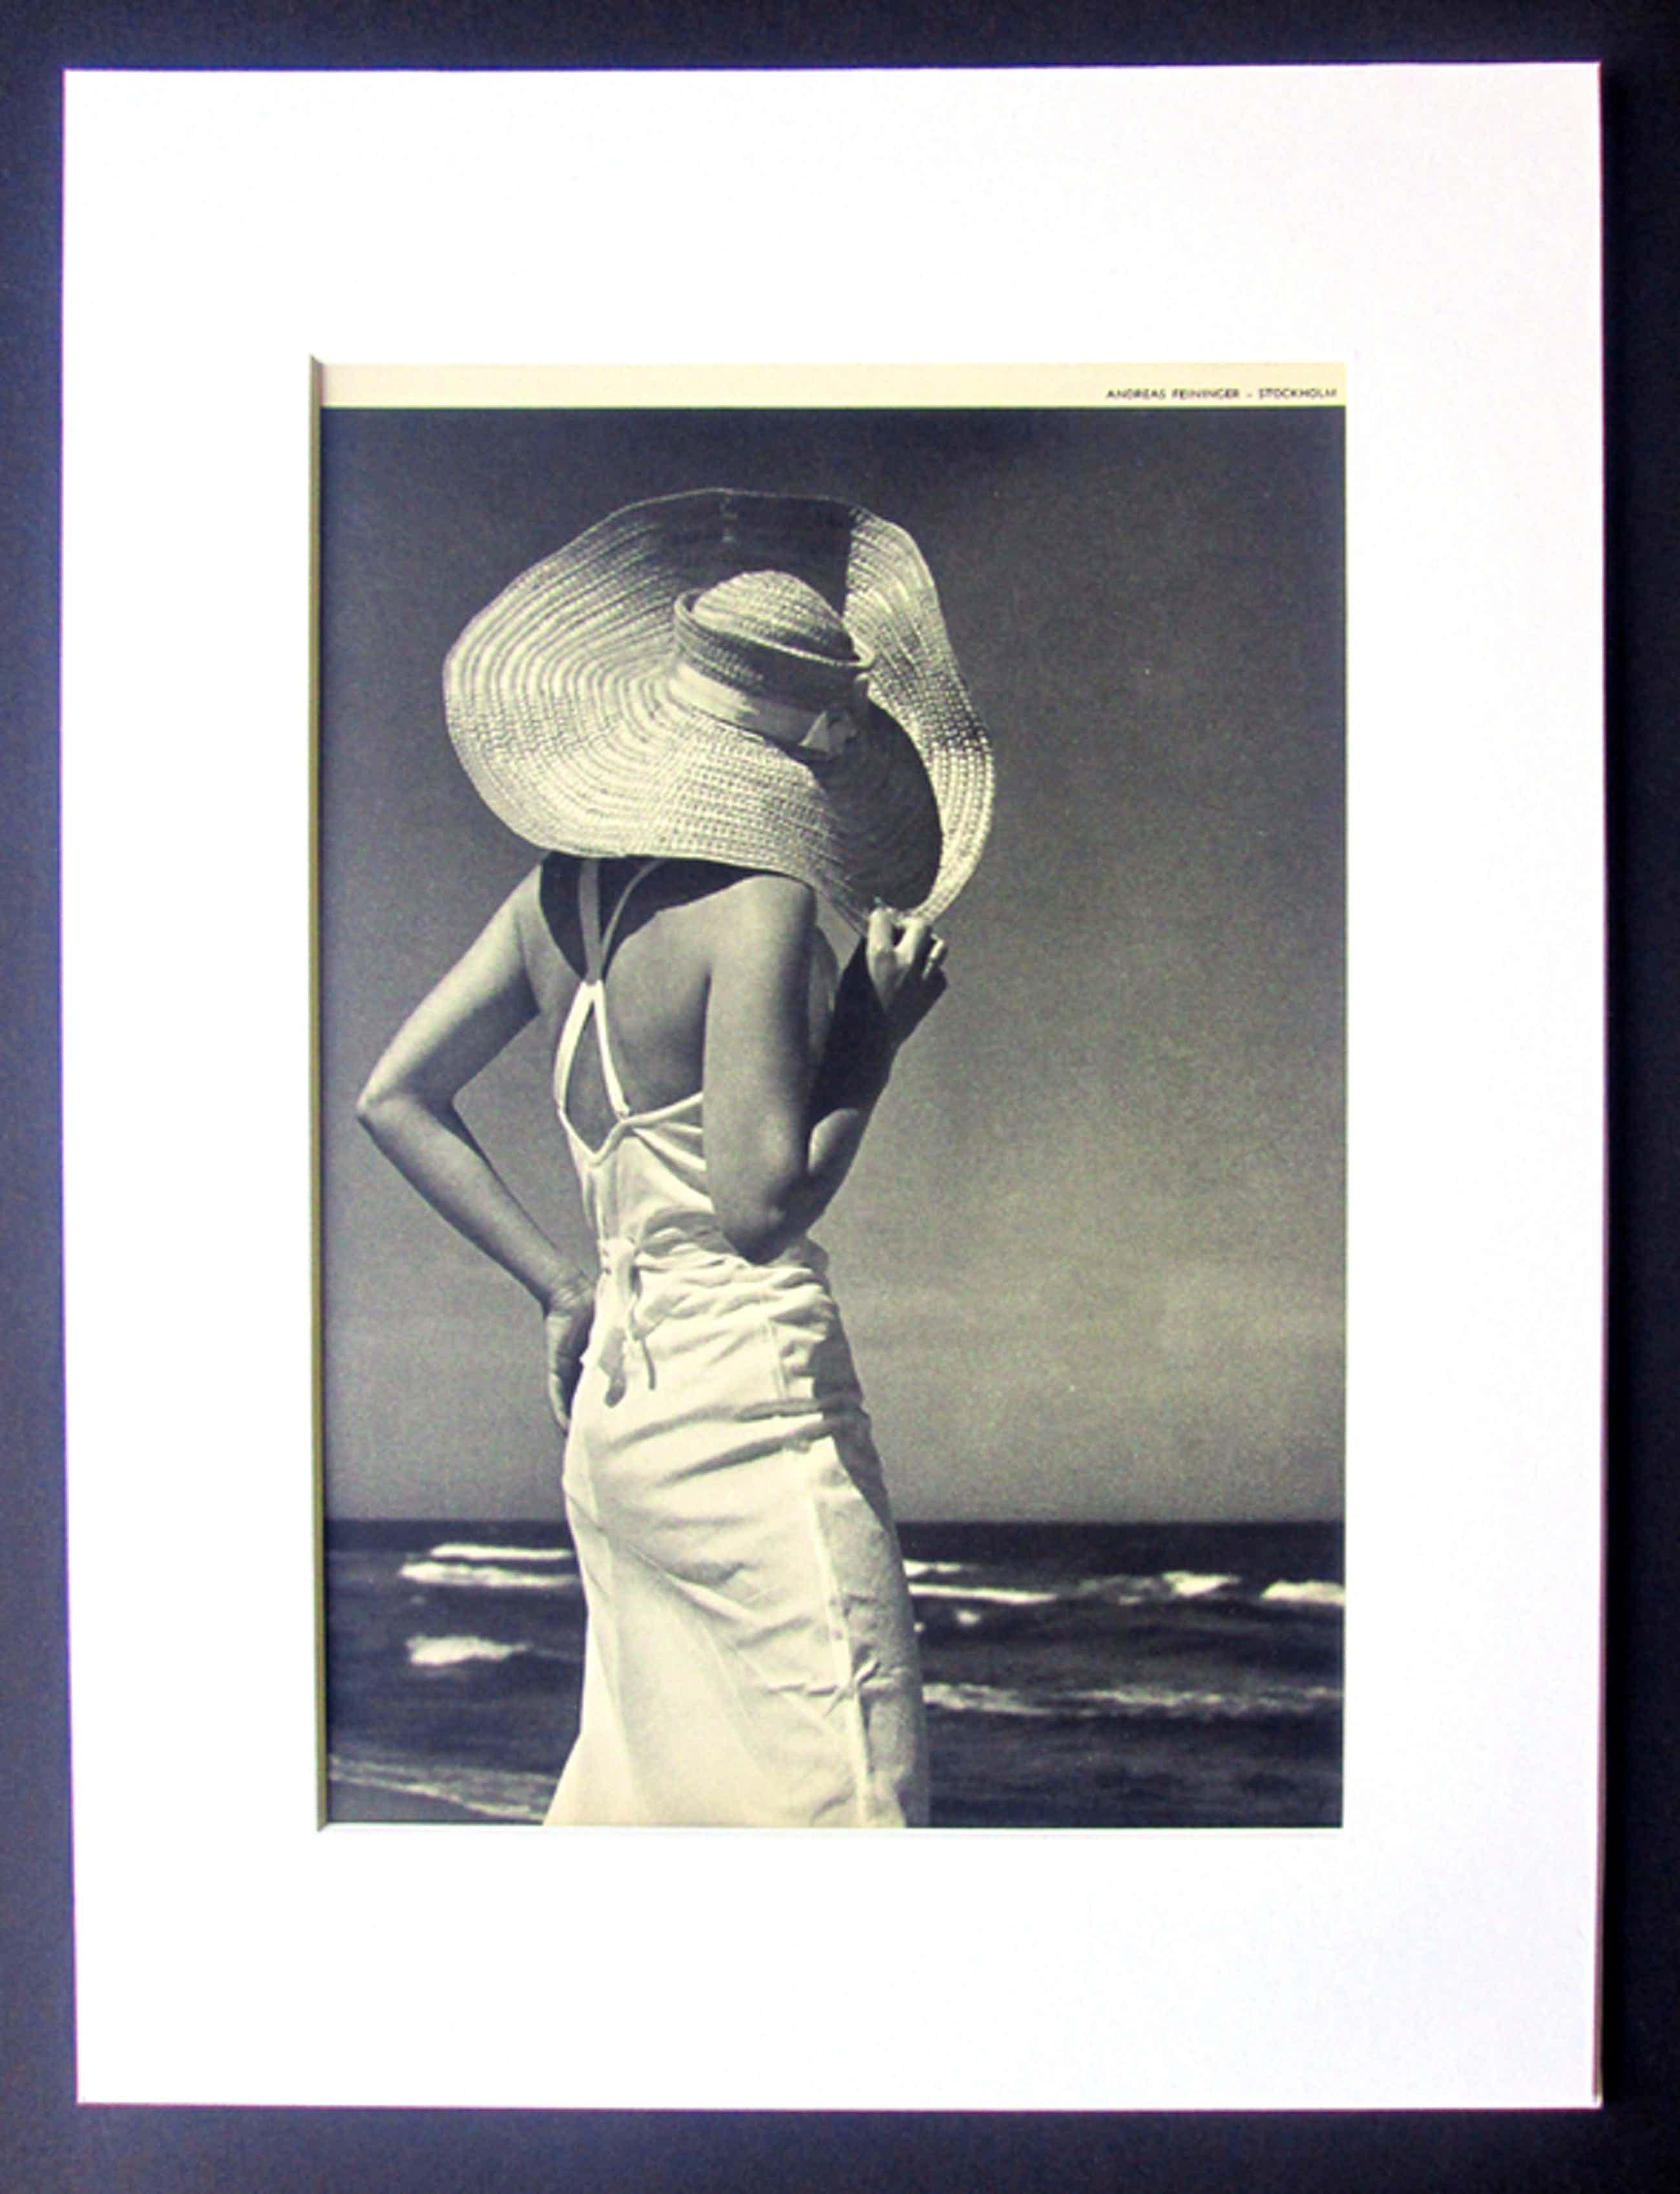 Andreas Feininger - Heliogravure uit 1937 gepubliceerd in AMG - France kopen? Bied vanaf 45!